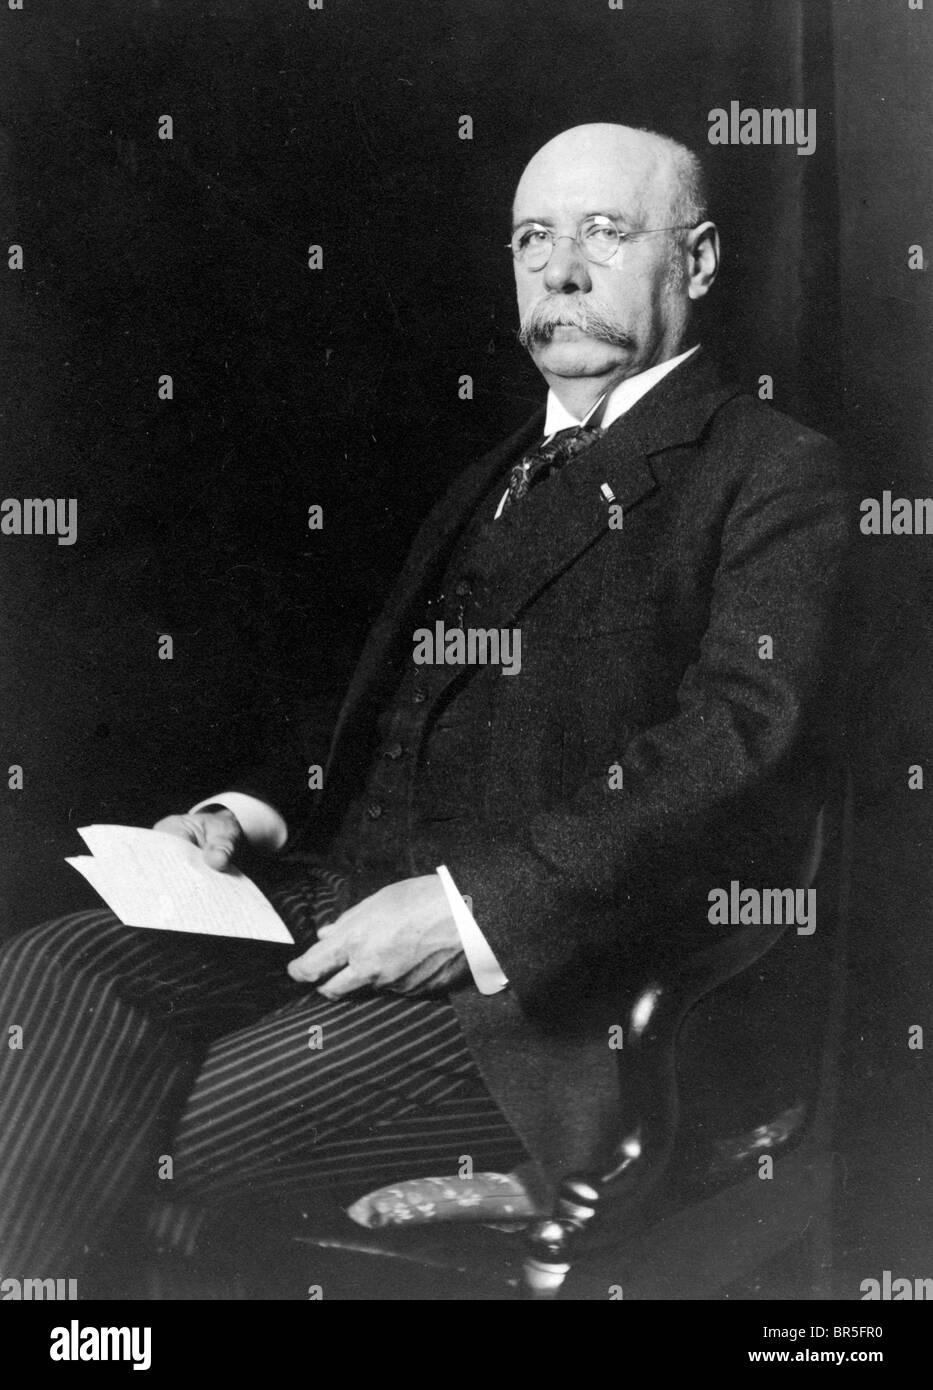 Photographie historique, ancienne, honorable monsieur, vers 1912 Photo Stock